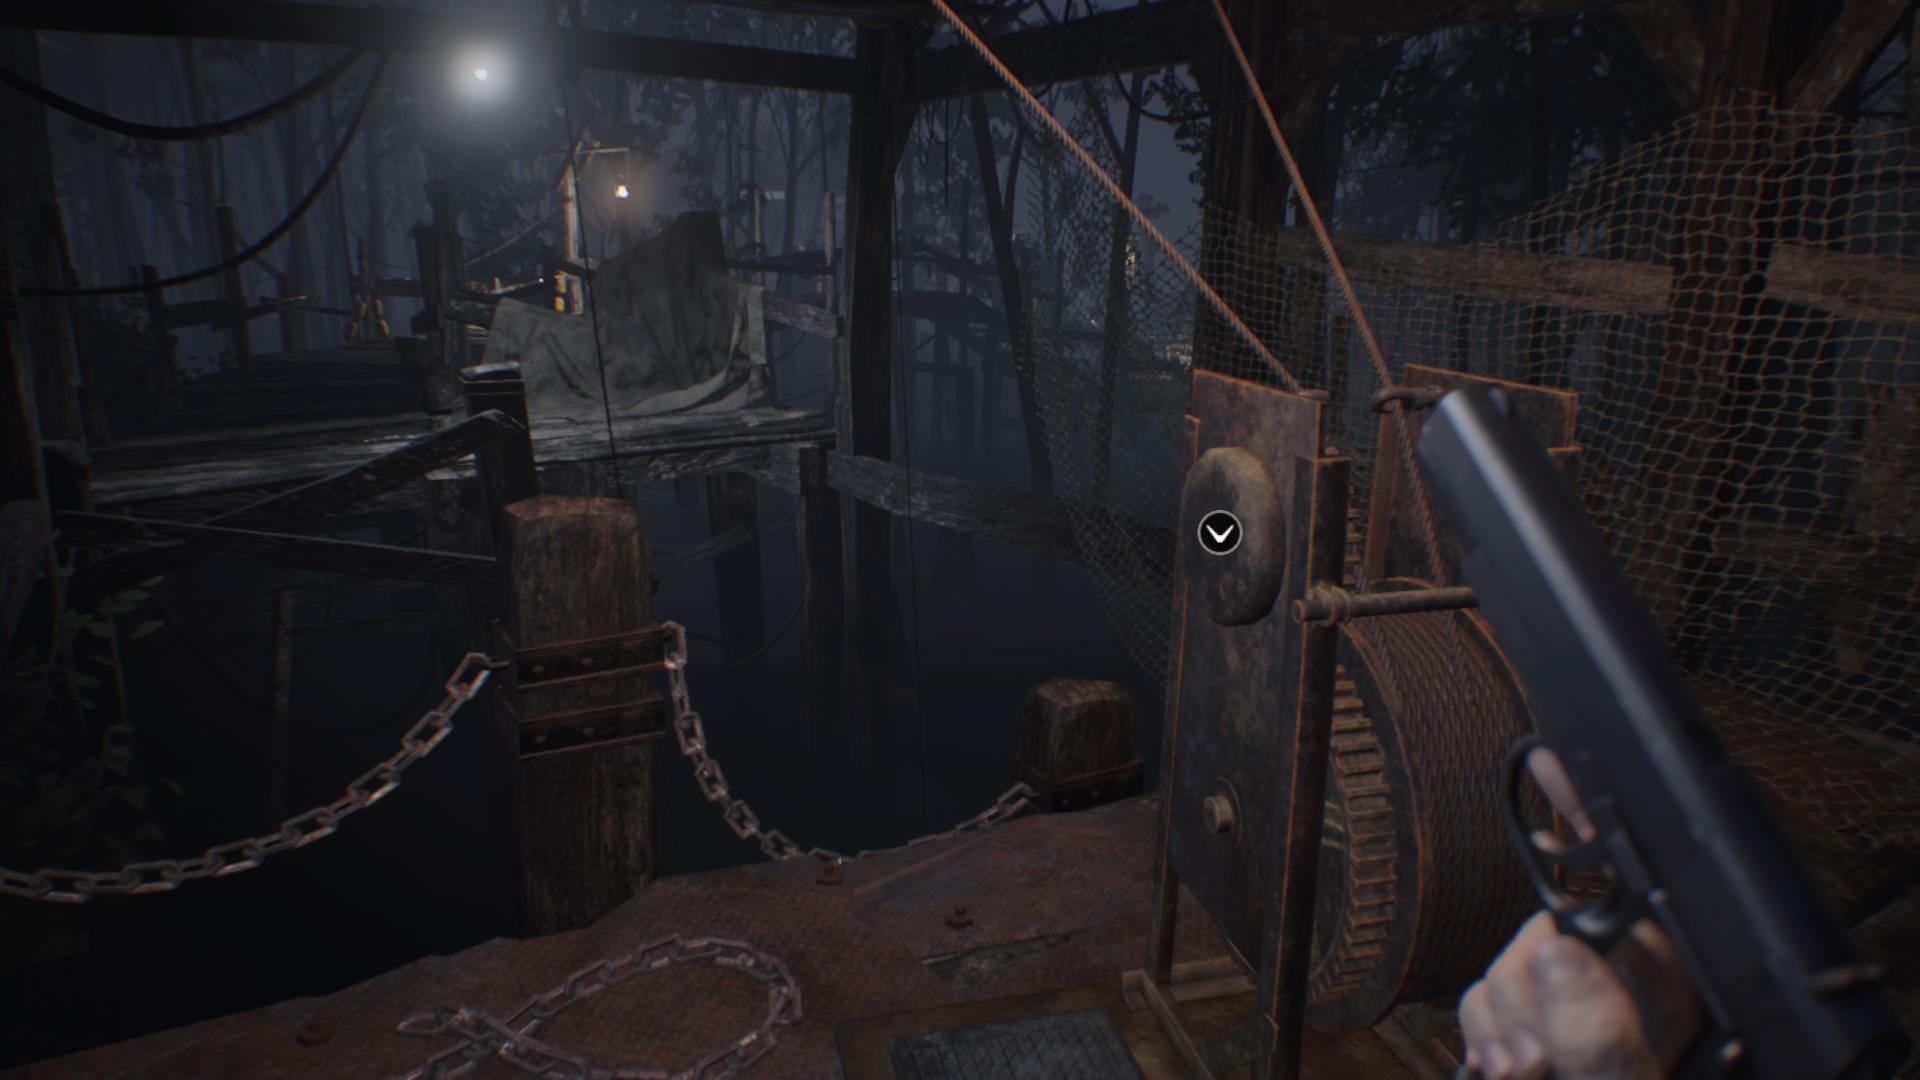 ผลการค้นหารูปภาพสำหรับ resident evil 7 boathouse